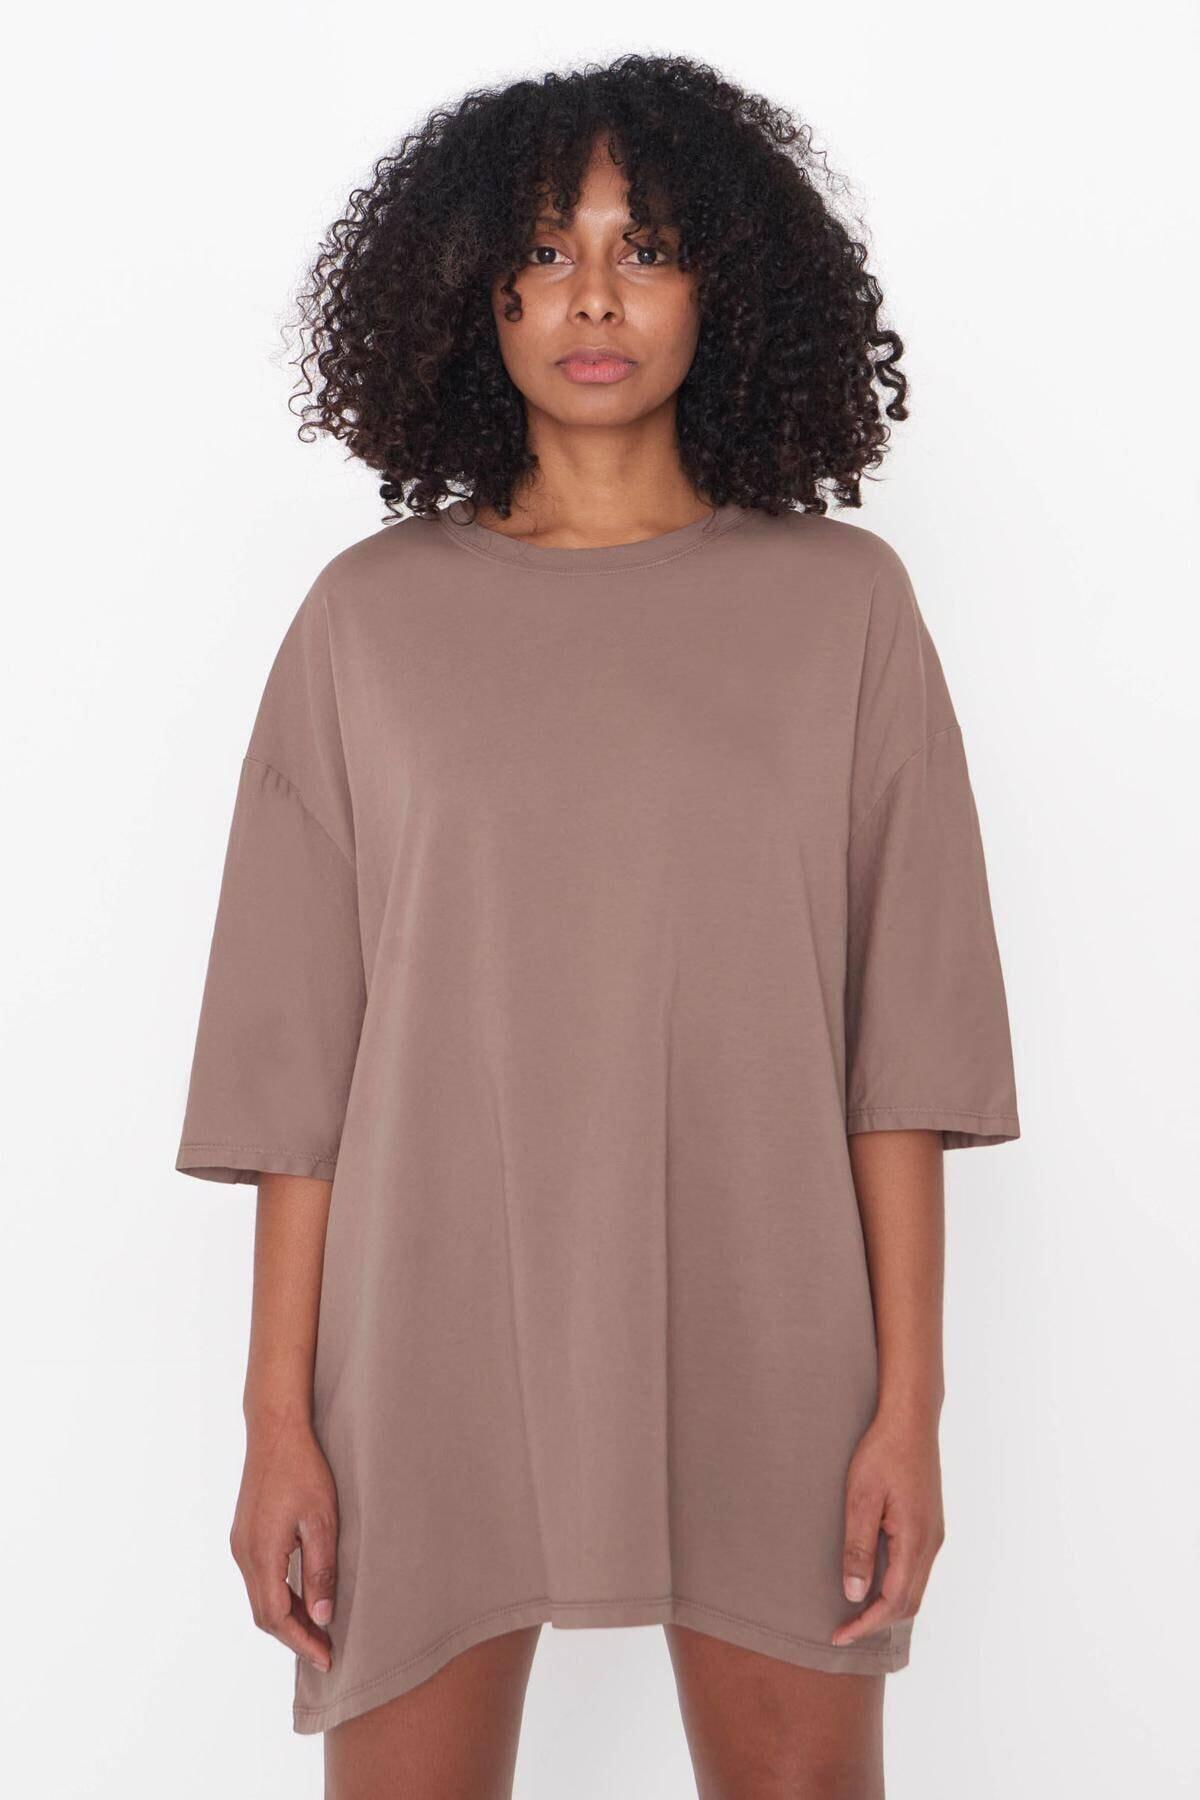 Kadın Açık Kahve Oversize T-Shirt P9536 - B13 Adx-0000023955